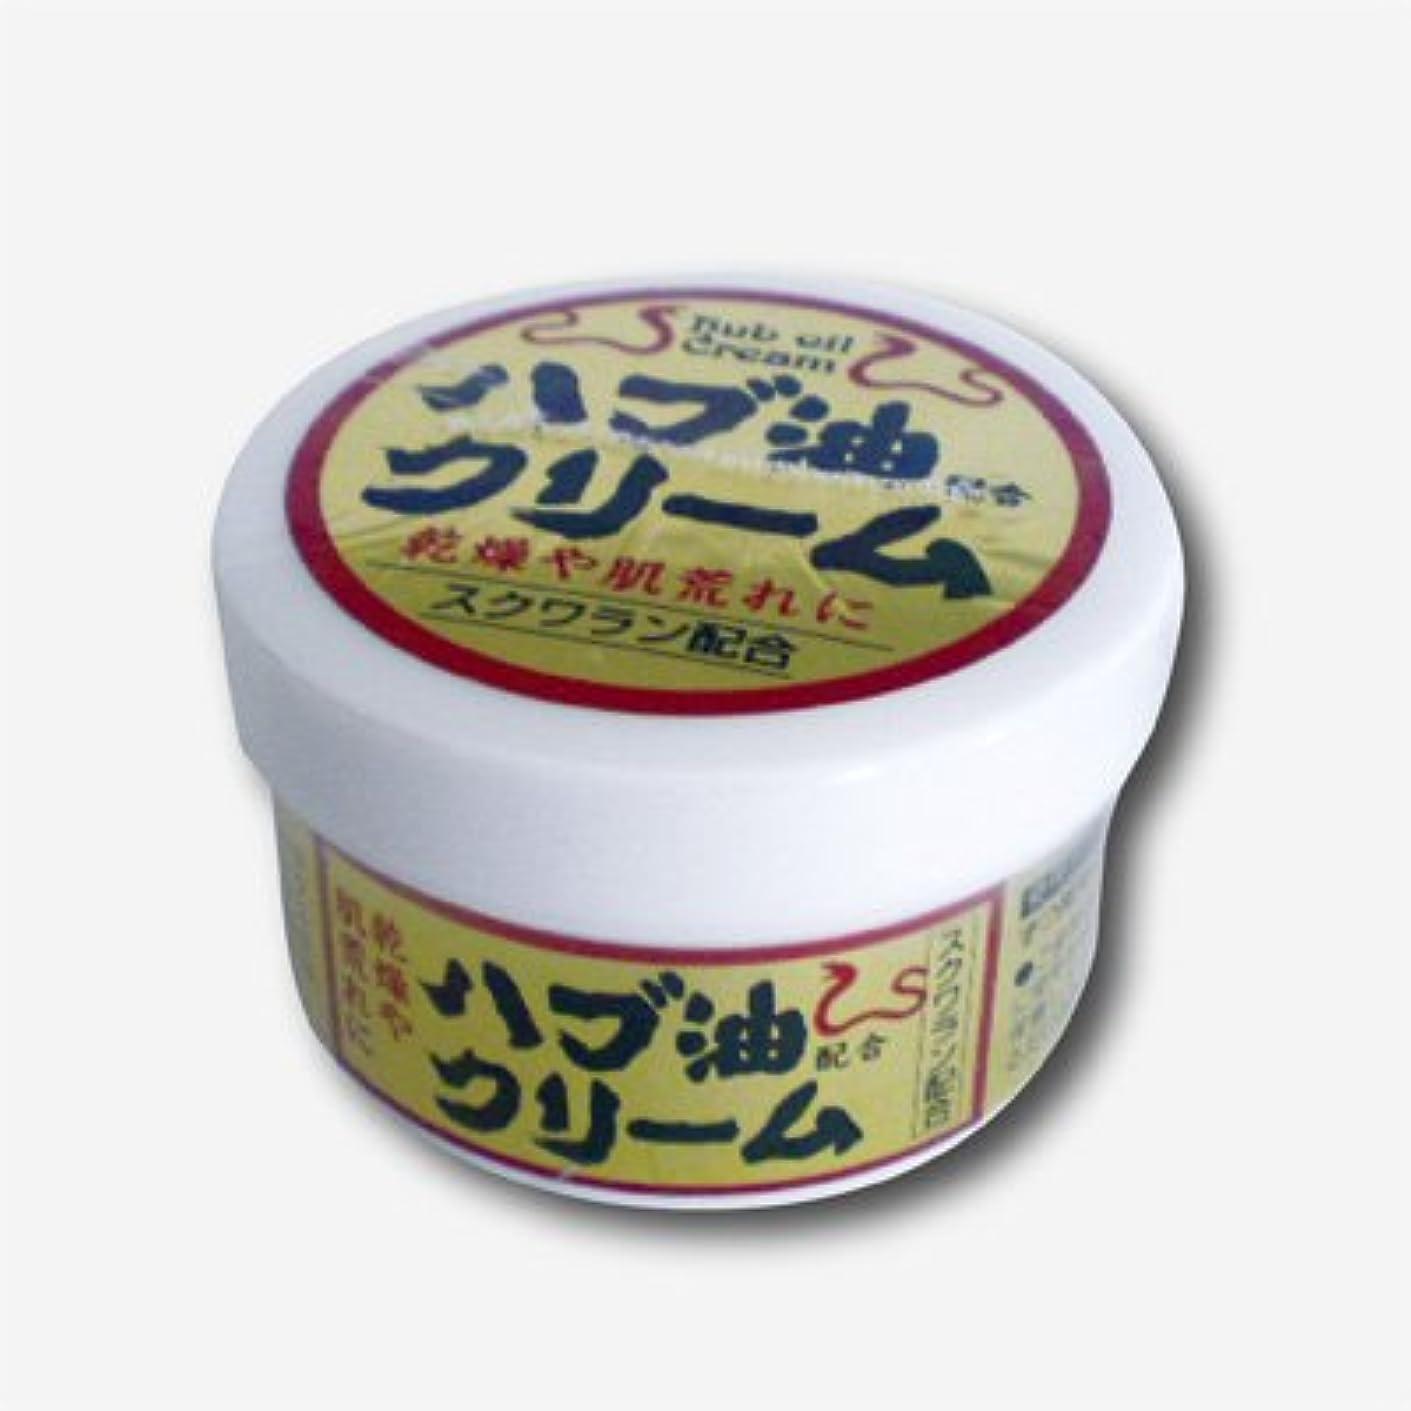 送る事故事故ハブ油配合クリーム 1個【1個?50g】